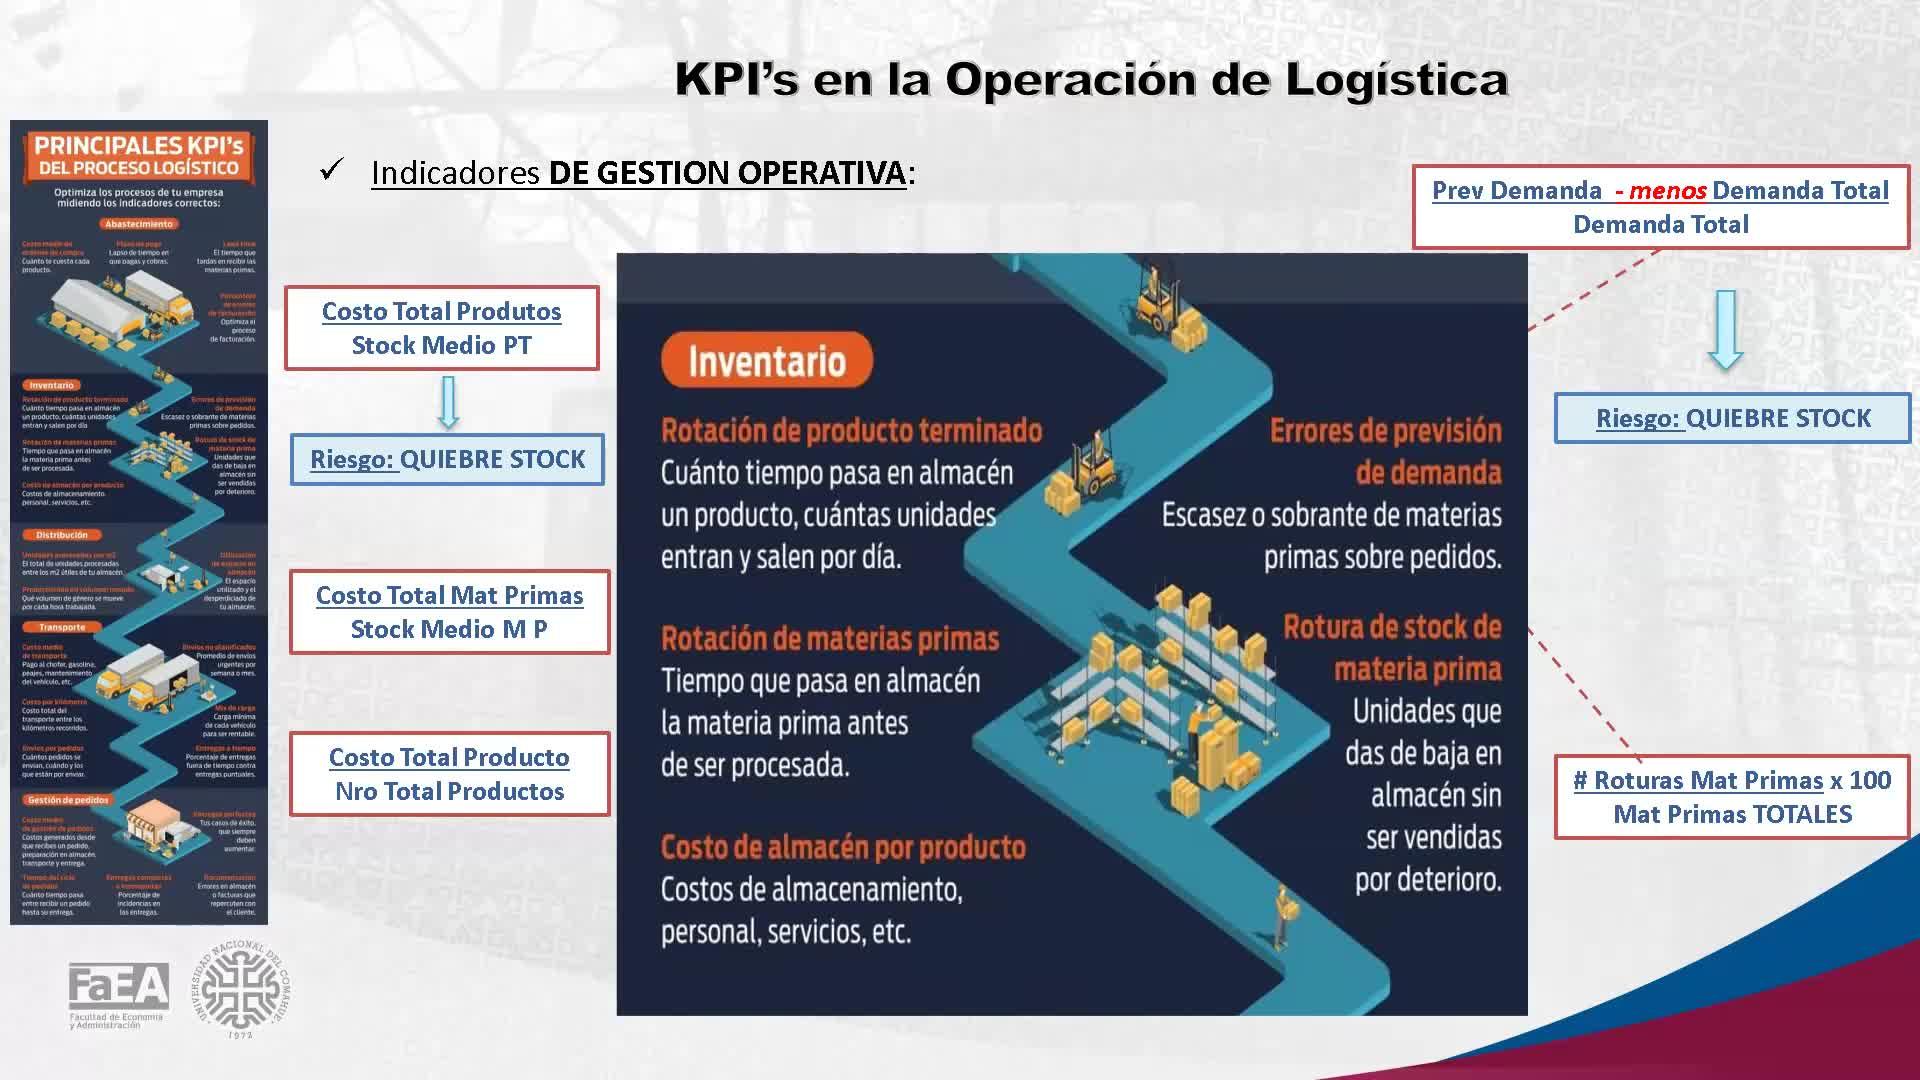 Diplomatura en Logística - Módulo 12 - Control Interno de la Operación Logística e Indicadores Logísticos (CIOLIL)- Clase 3 - 28-05-21